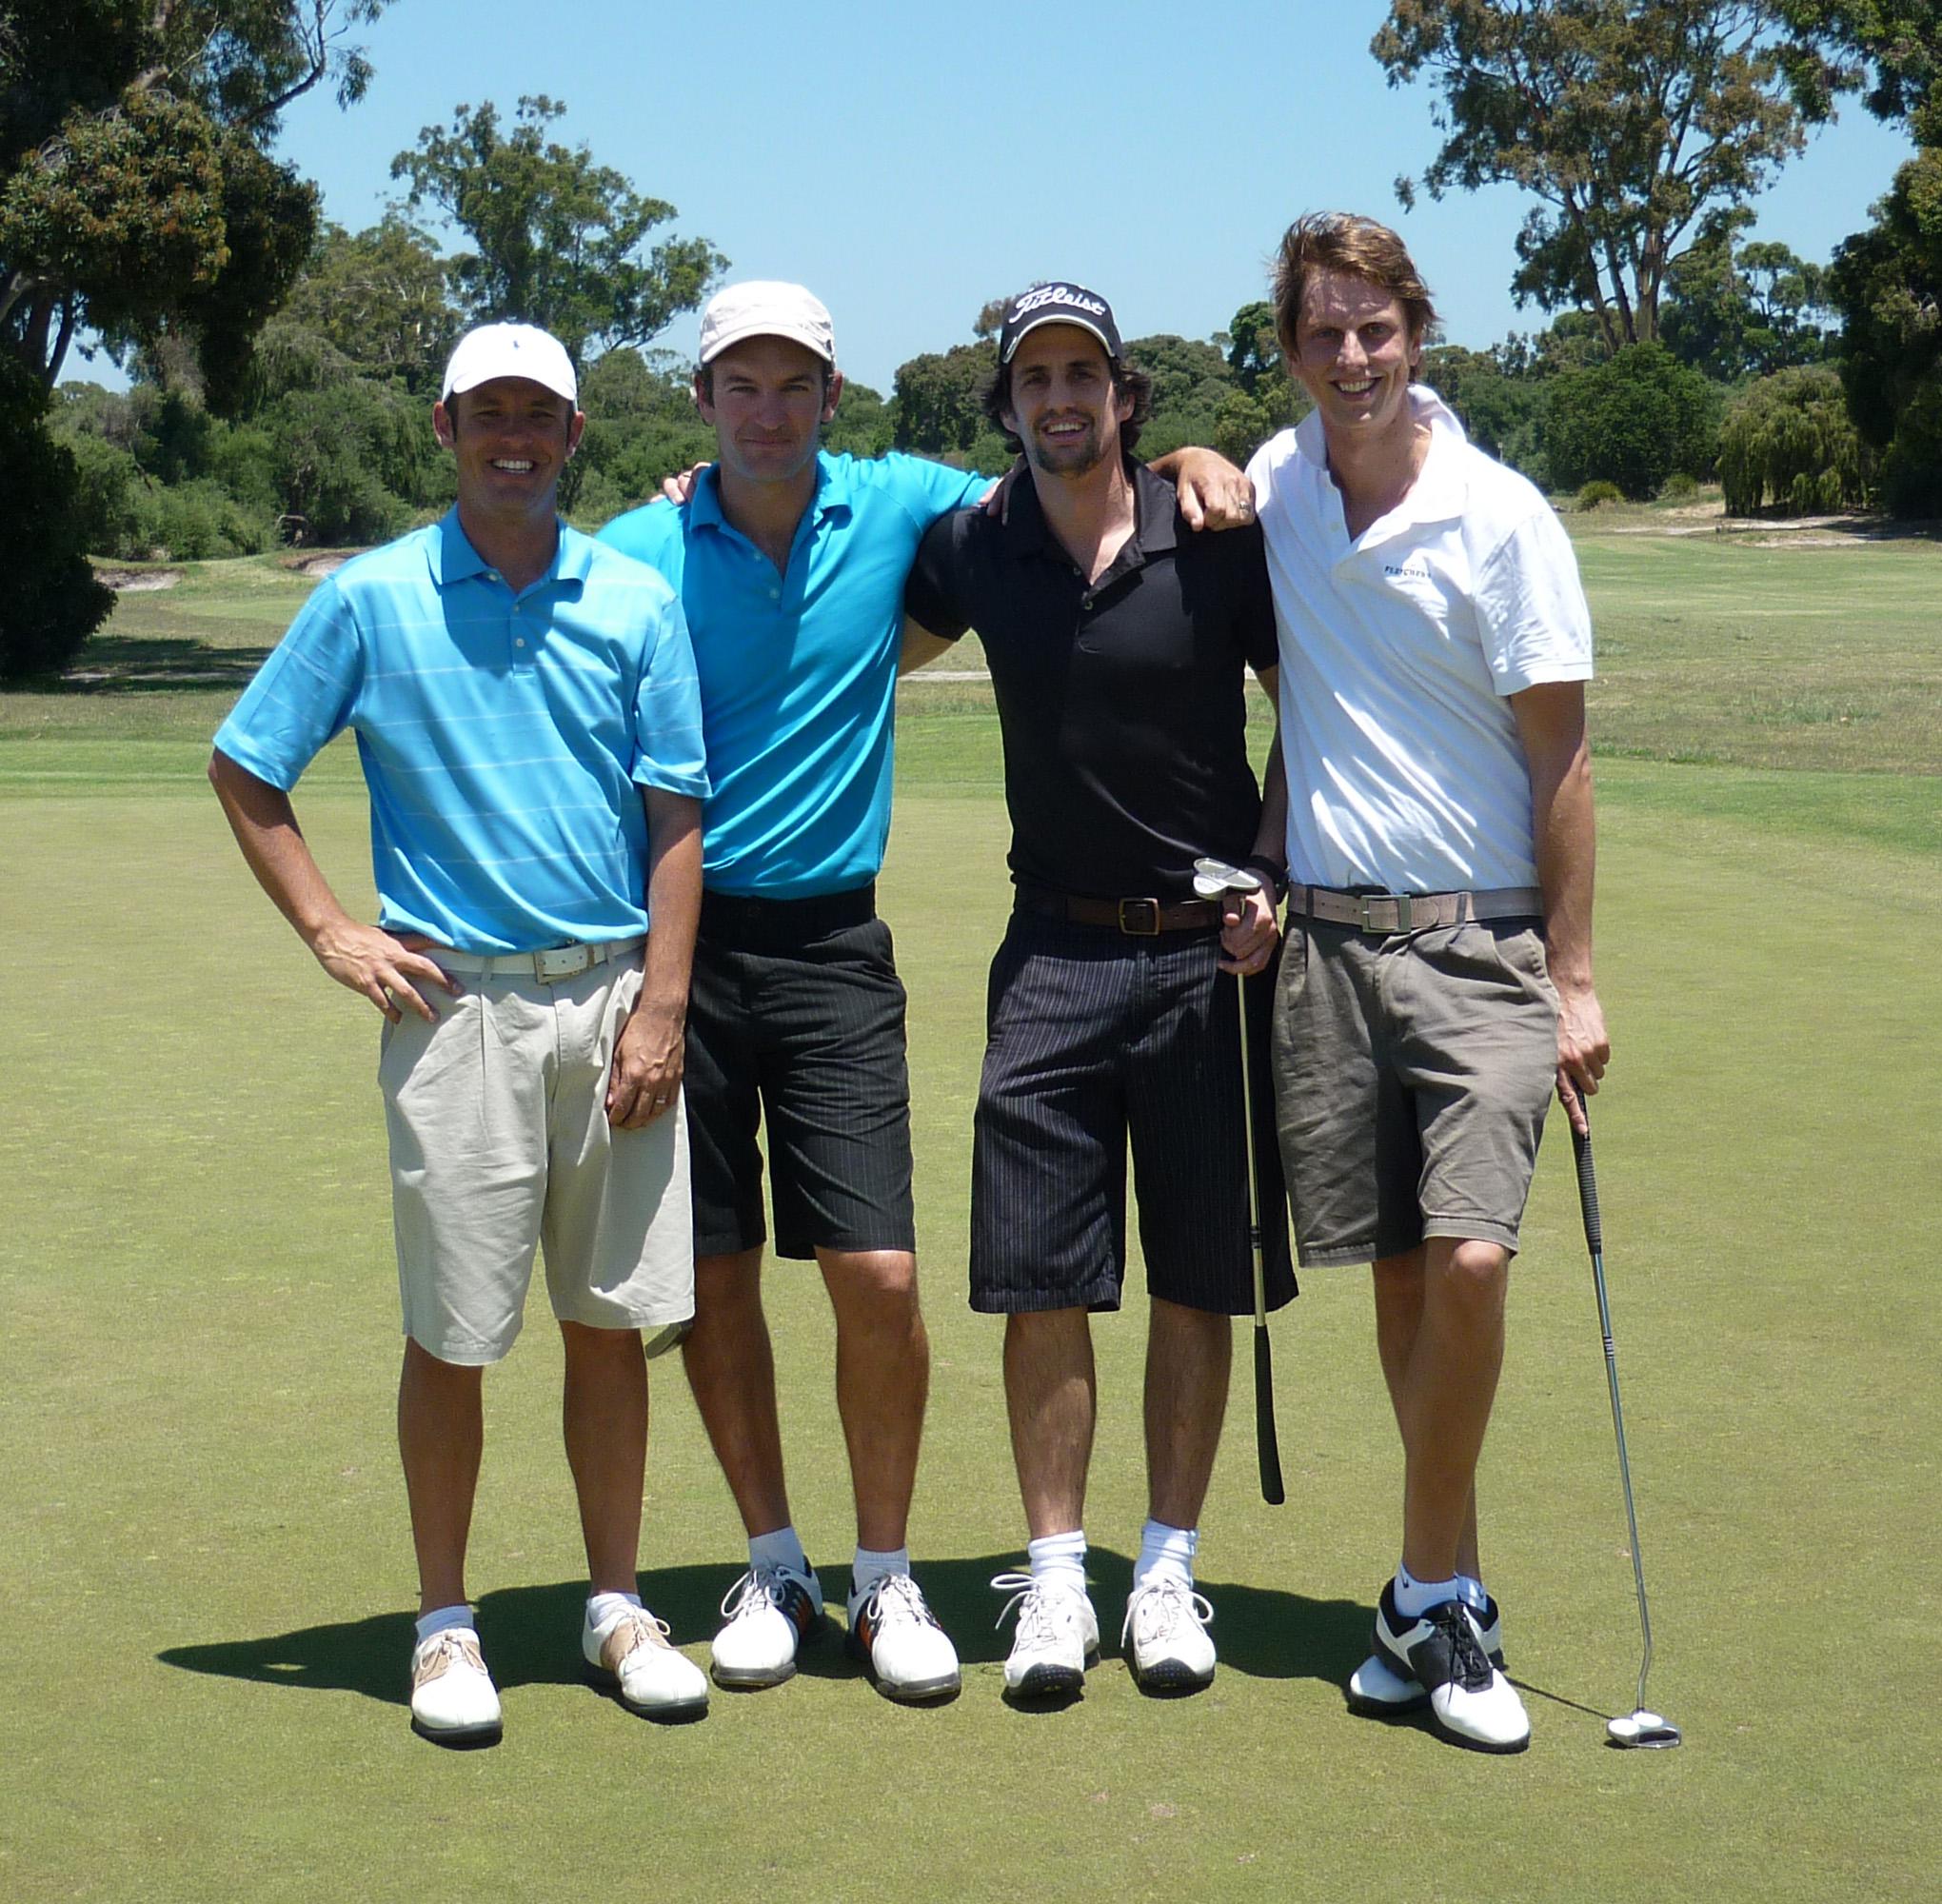 Amateur golfers association can